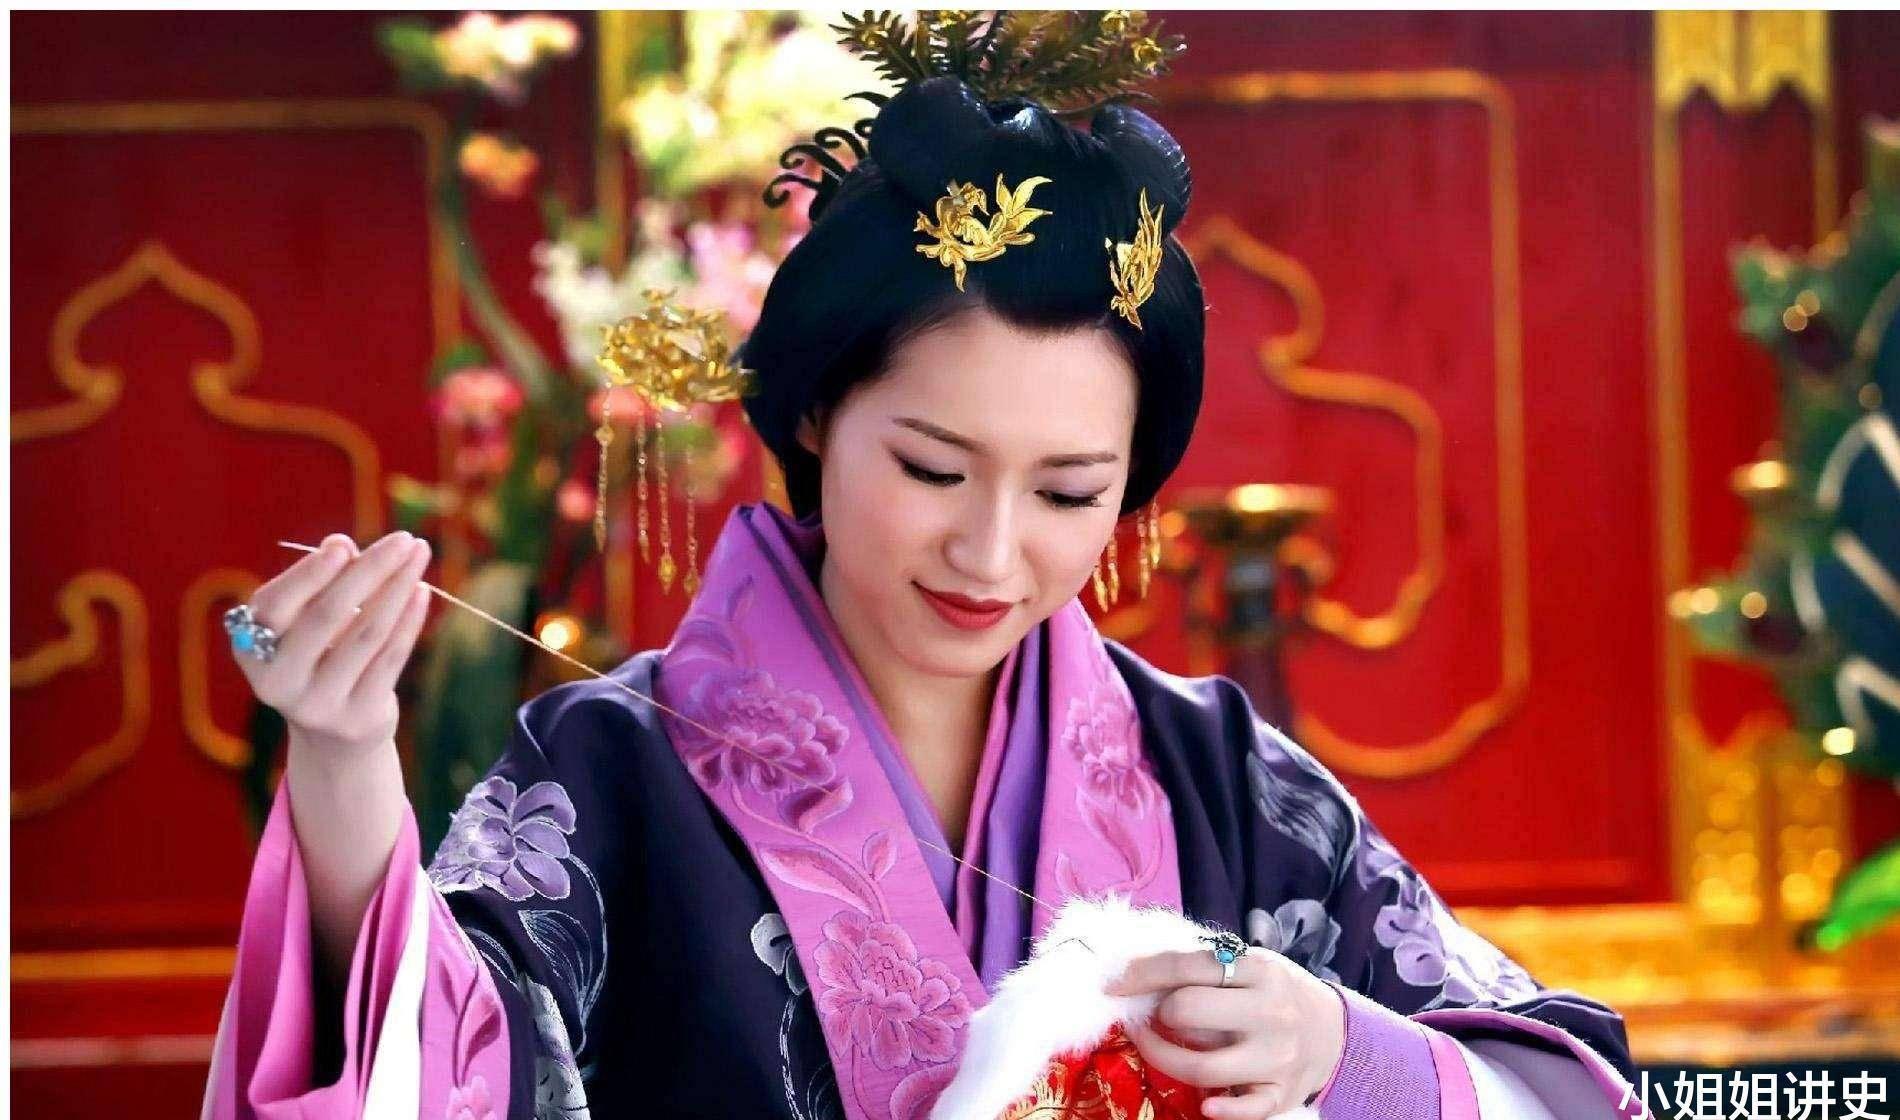 王娡为什么能成为汉景帝的皇后?她是如何上位的? 汉景帝为什么专宠王娡